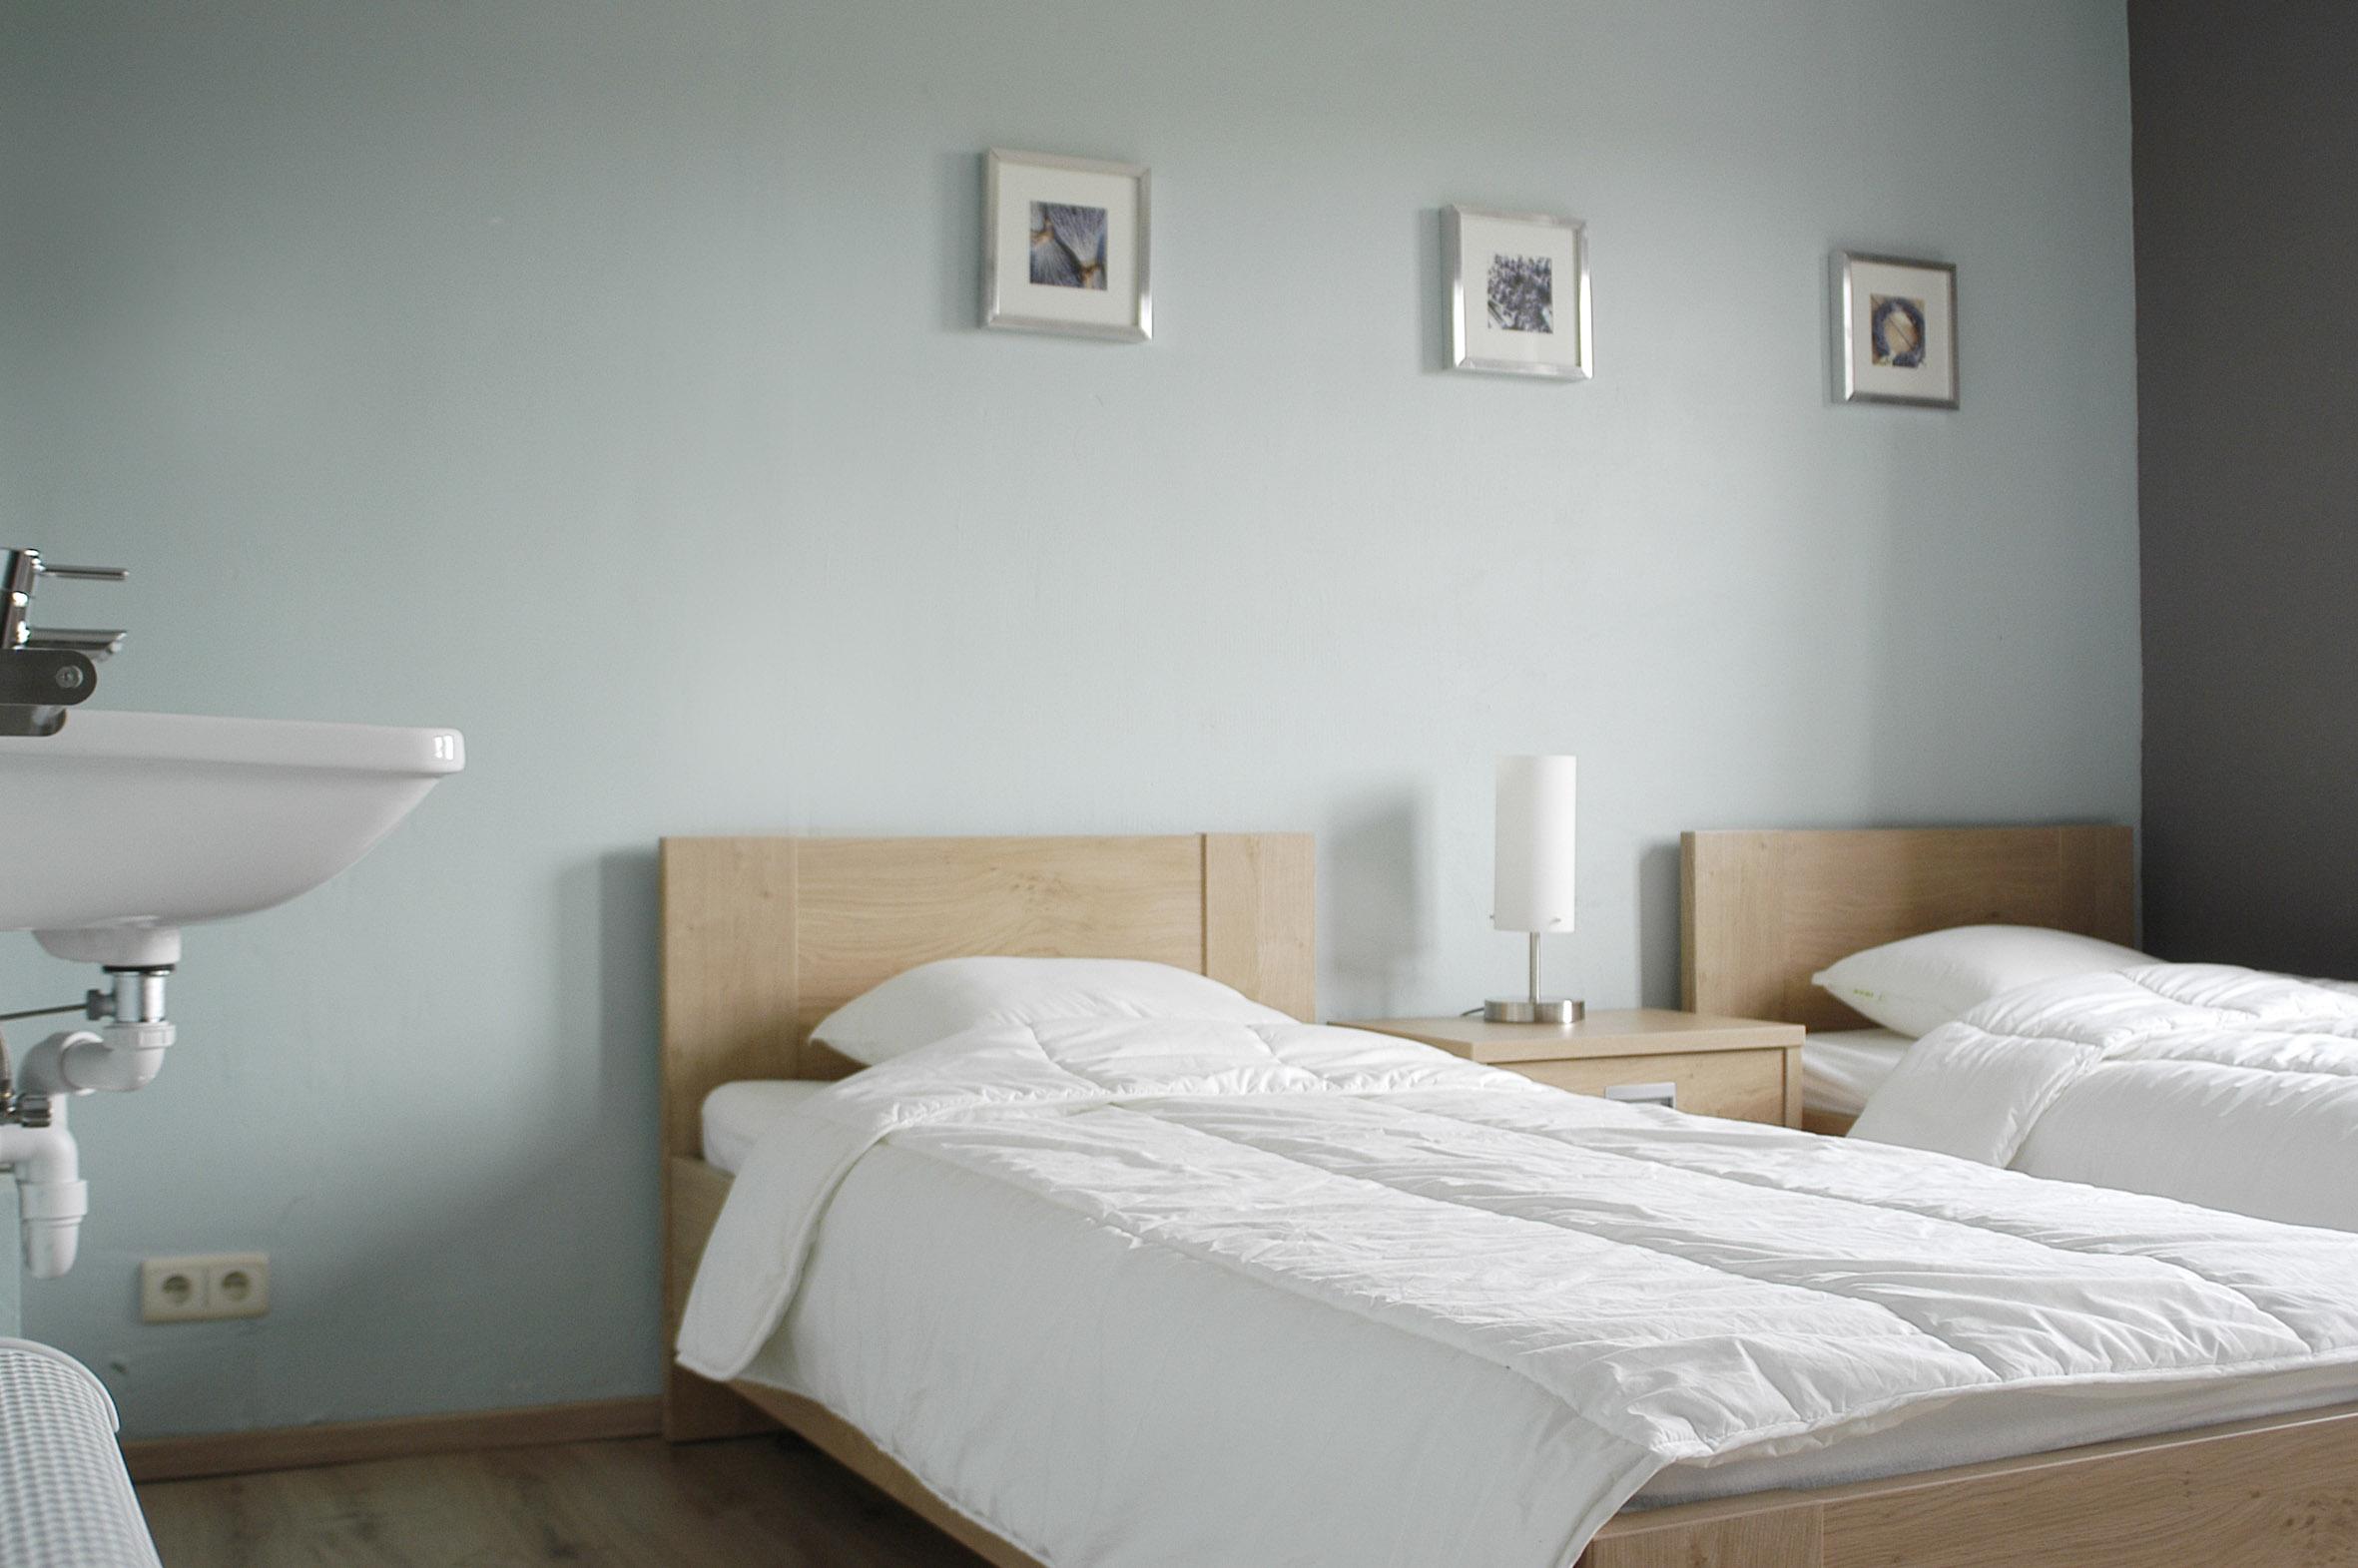 Slaapkamer met douche en lavabo